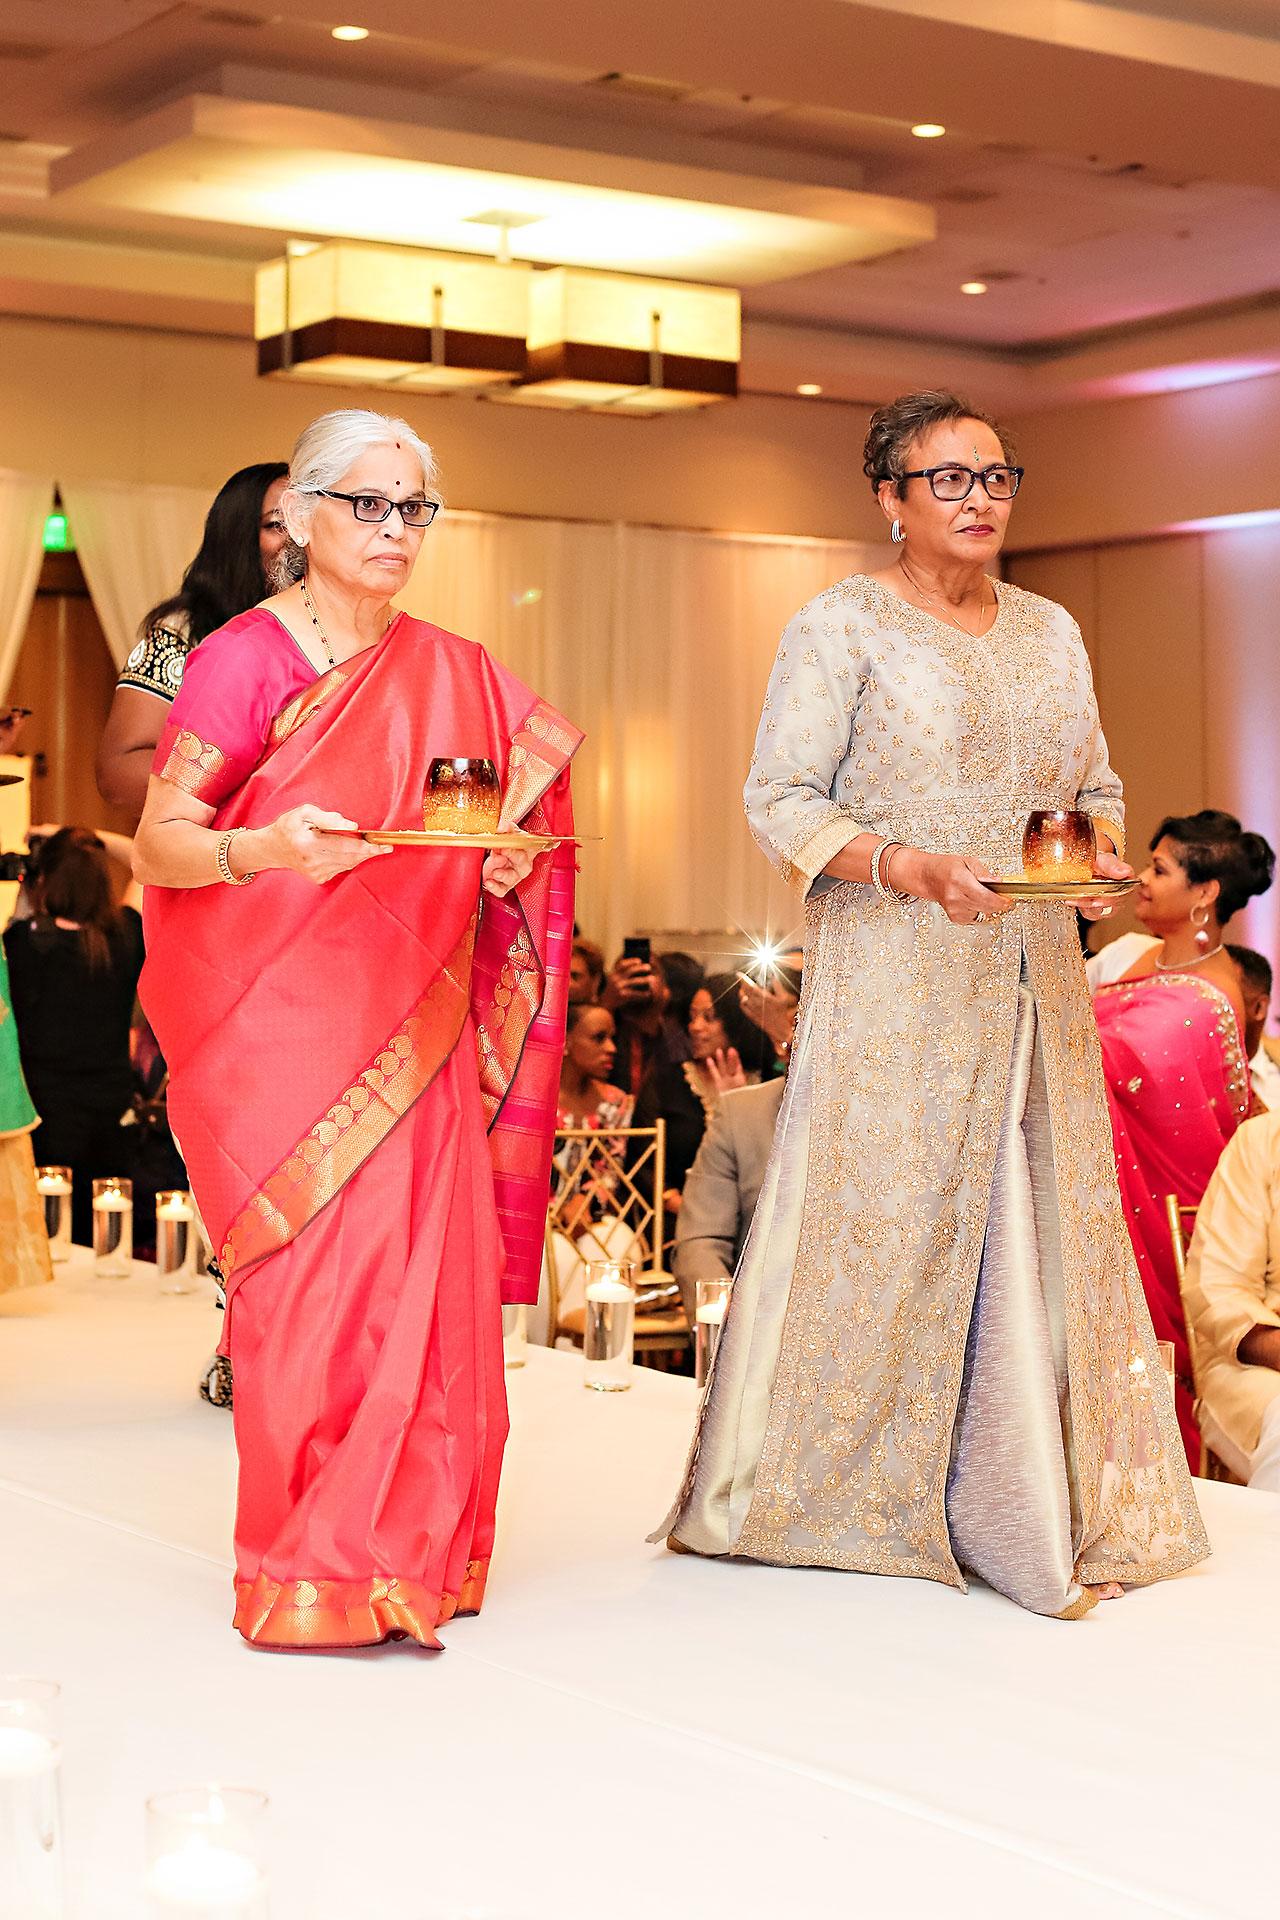 Joie Nikhil JW Marriott Indian Wedding 274